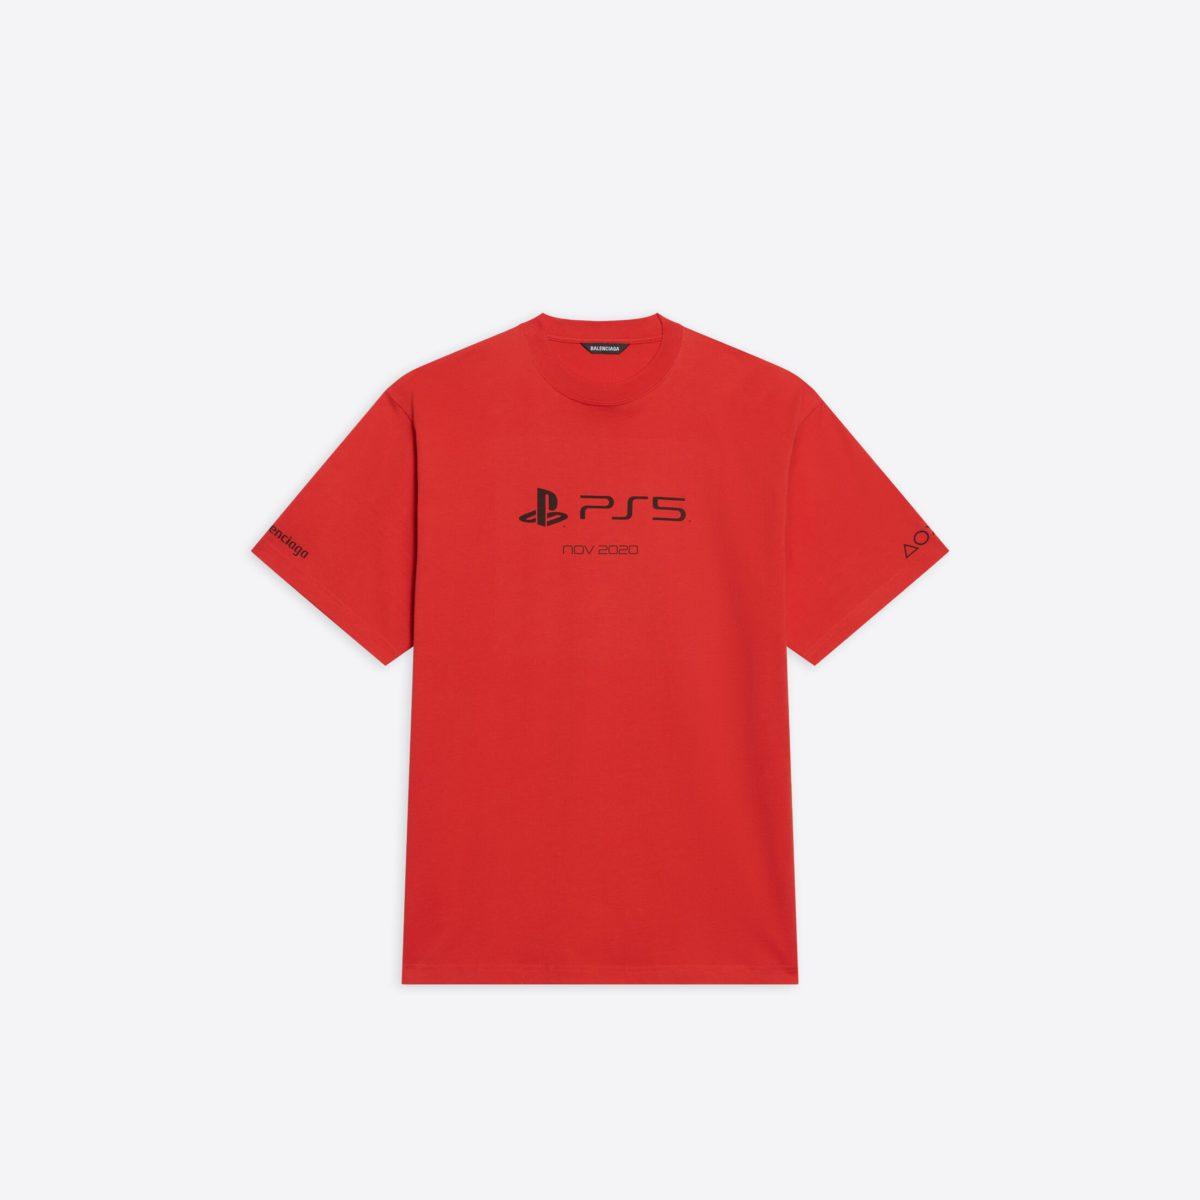 T 恤有紅色選擇,但就沒有黑白配色簡約。